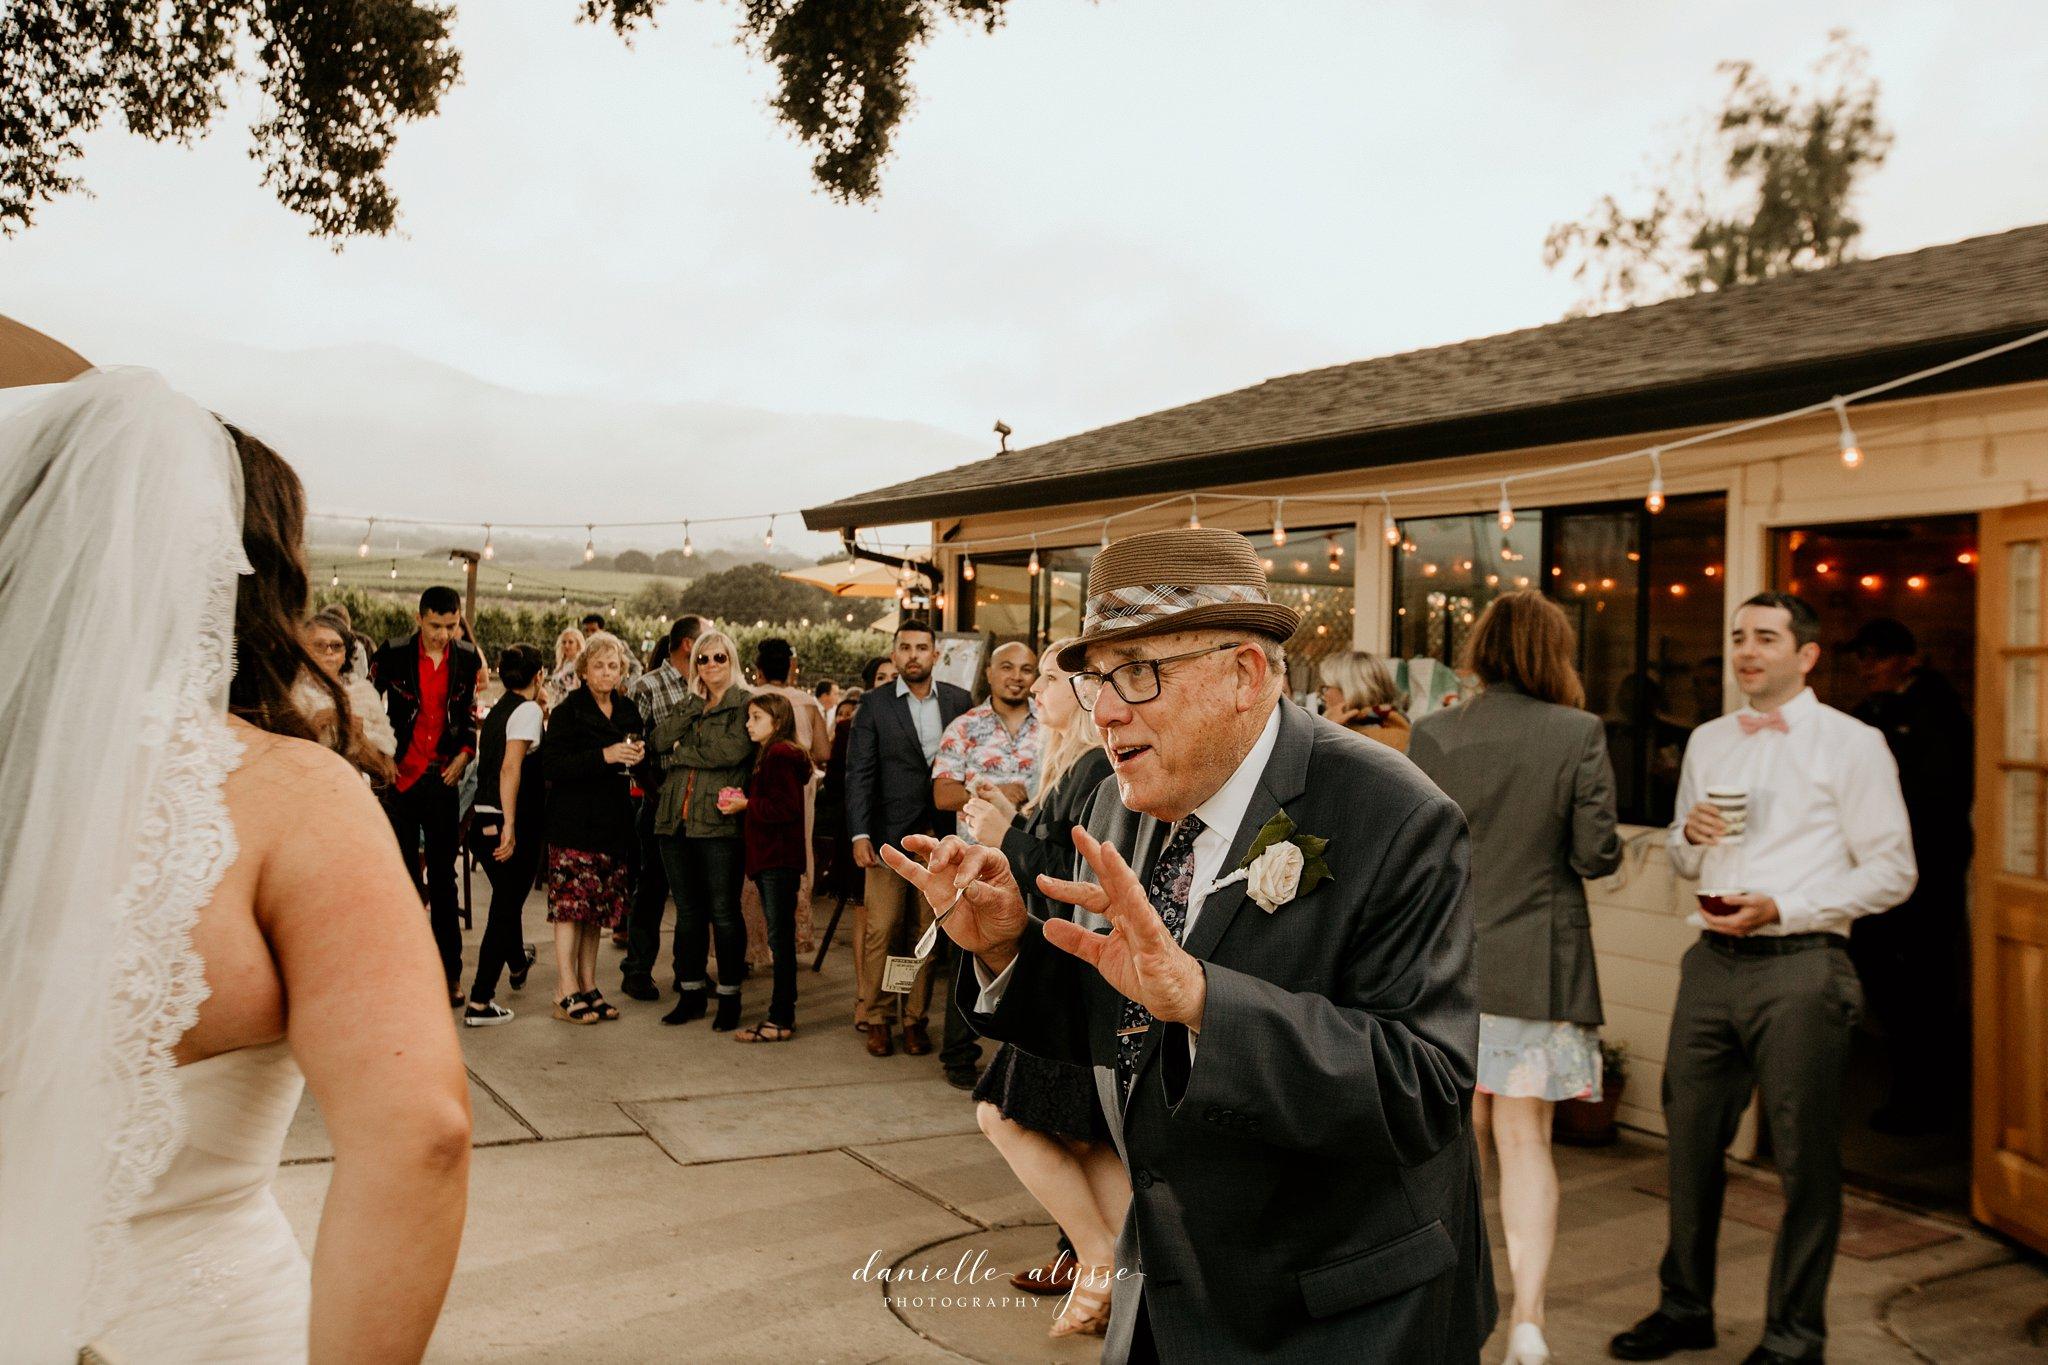 180630_wedding_lily_ryan_mission_soledad_california_danielle_alysse_photography_blog_1108_WEB.jpg